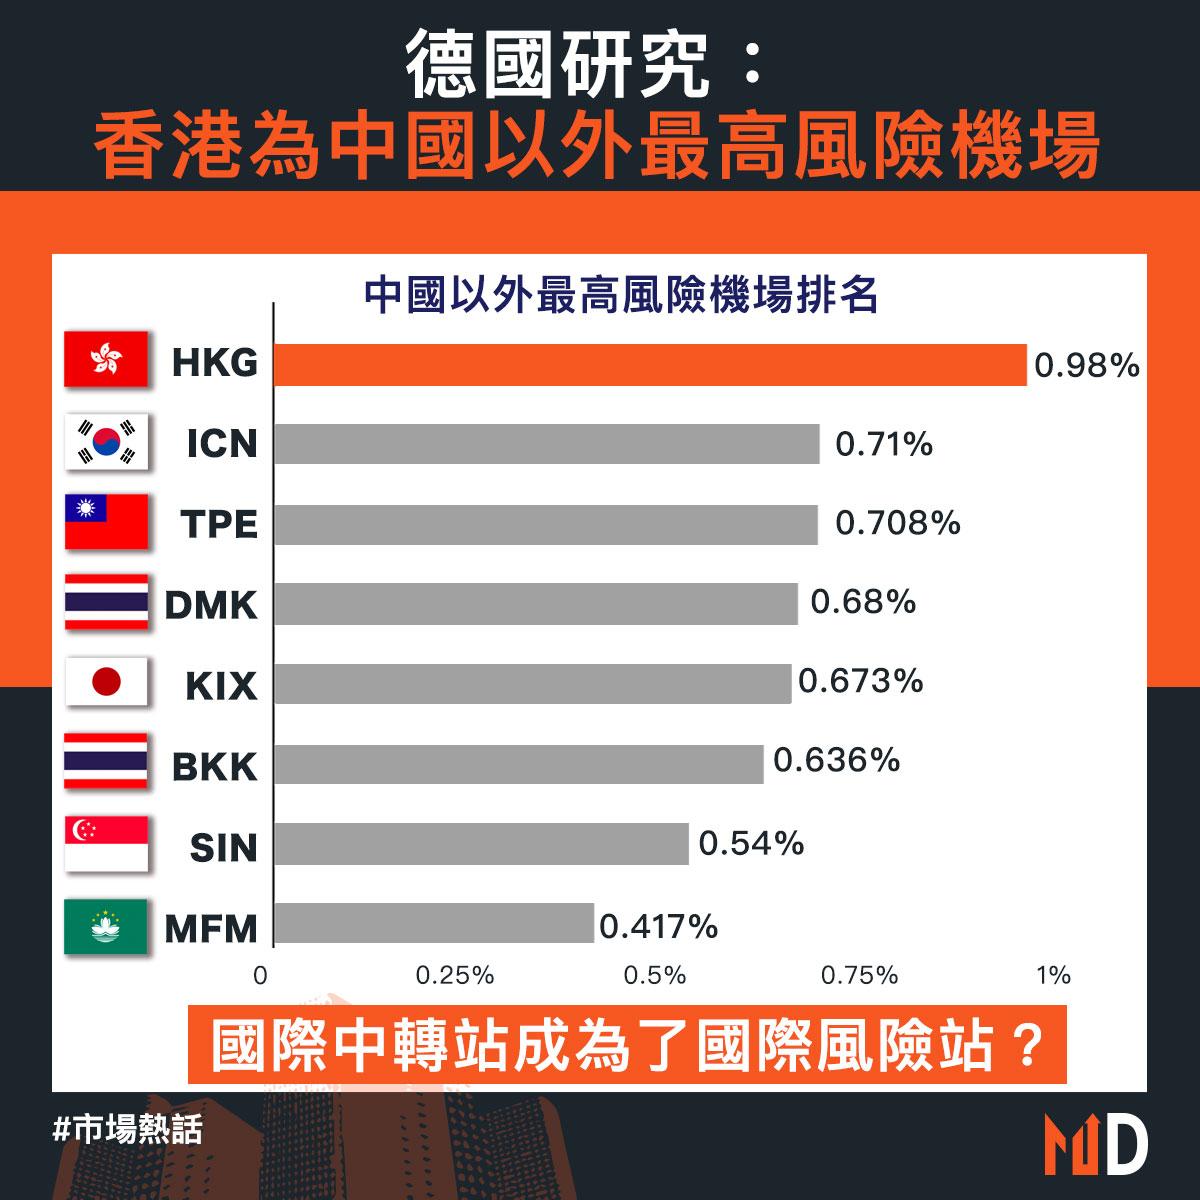 【市場熱話】 德國研究:香港為中國以外最高風險機場